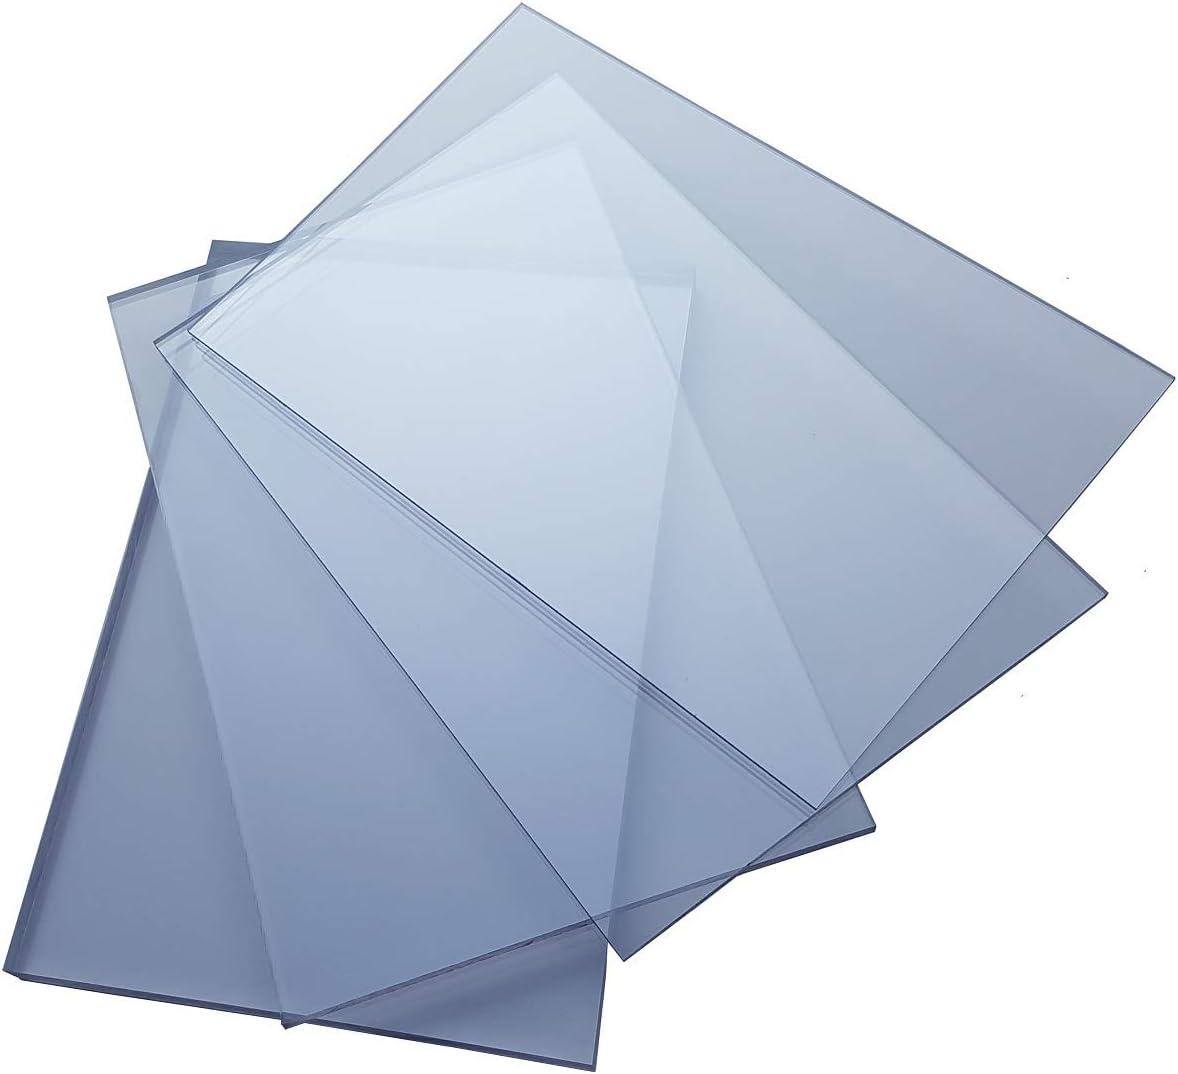 15 mm, 400 x 400 mm Acrylglas Zuschnitt Plexiglas Zuschnitt 10-25mm Platte//Scheibe klar//transparent